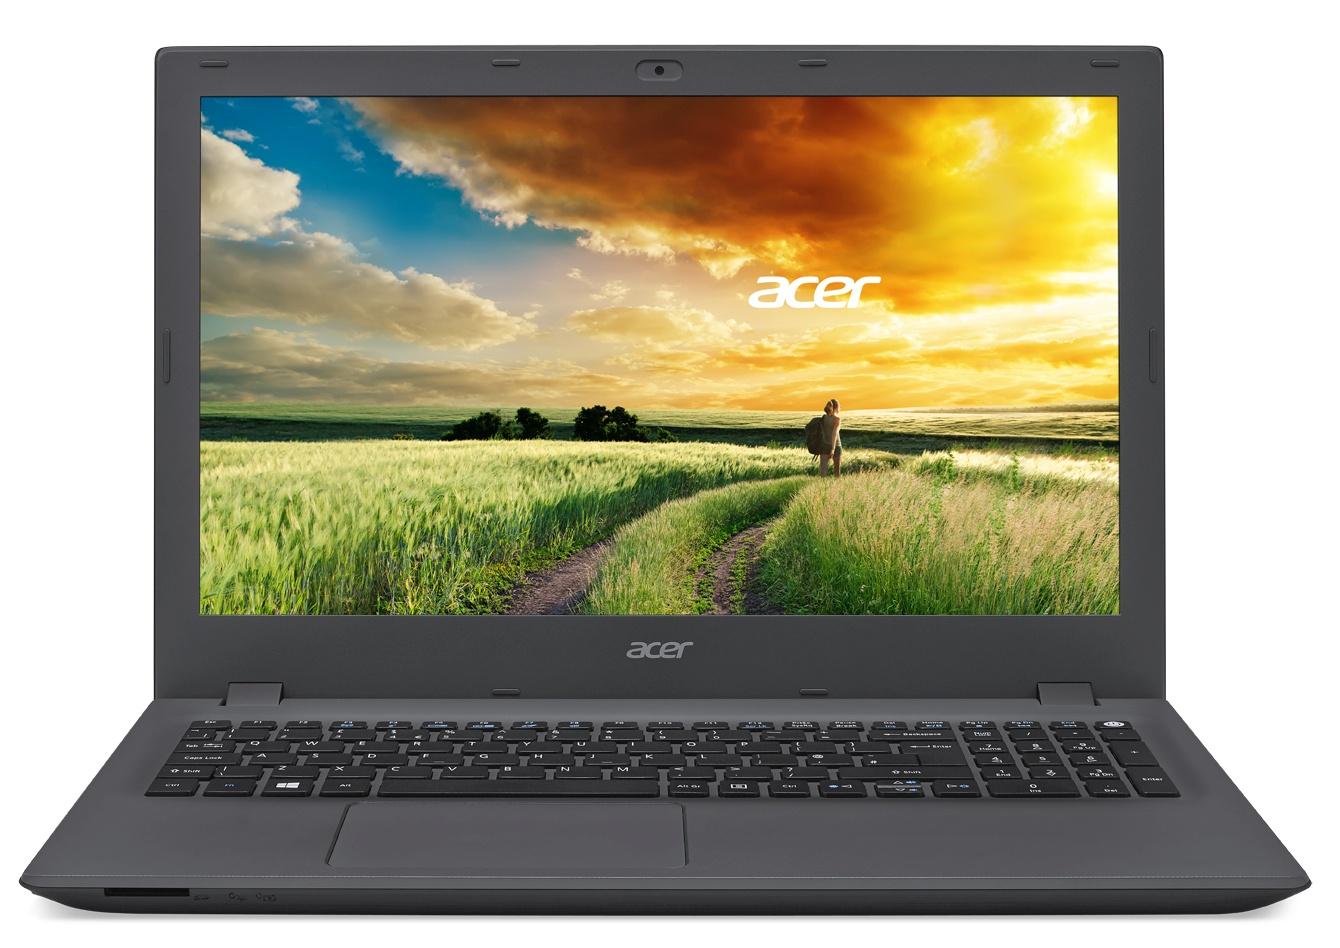 NX.MVMEC.003 Acer Aspire E 15 15,6/3556U/4G/1TB/NV/DVD/W10 šedý